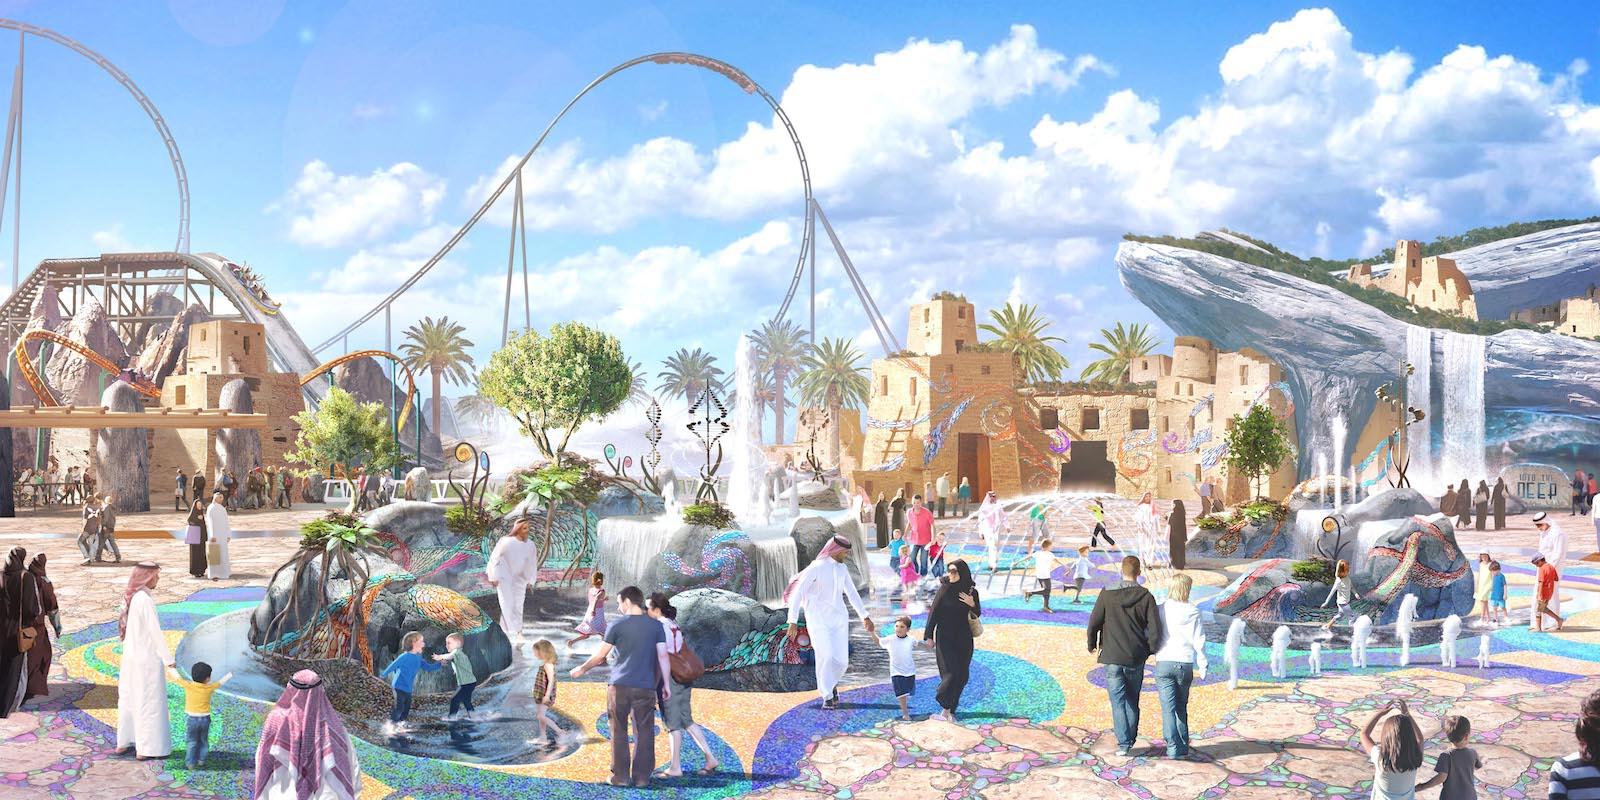 Megaprojektet Qiddiya Entertainment City udenfor Saudi-Arabiens hovedstad, Riyadh, og forventes fuldt udbygget at blive verdens største underholdningsby, 100 procent drevet af grøn energi. Blandt attraktionerne i Qiddiya bliver en kæmpe forlystelsespark. Illustration: Qiddiya Entertainment City.